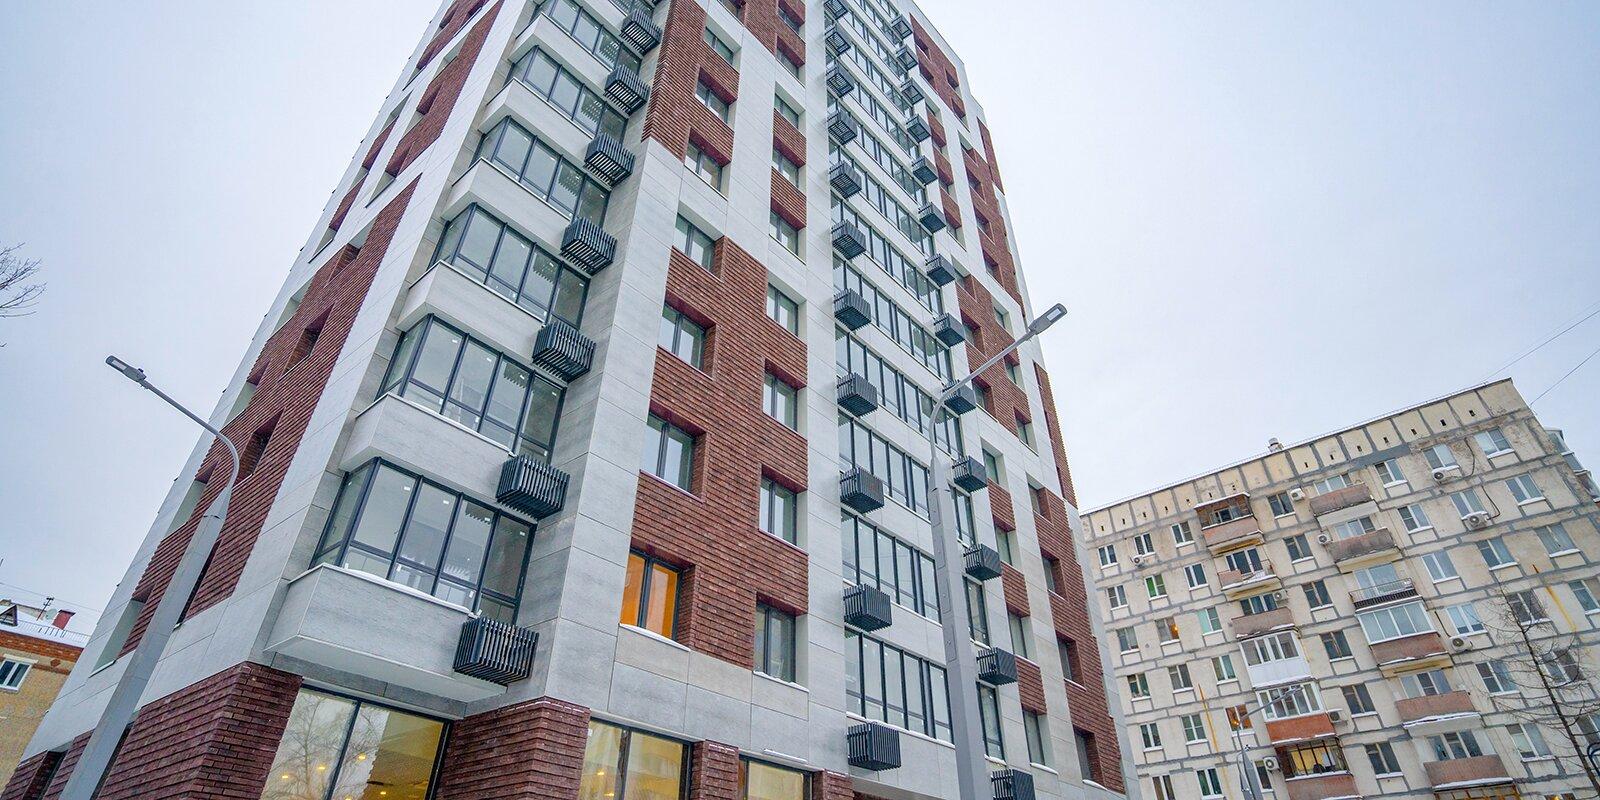 Жилой дом на Астрадамской улице (владение 9а)